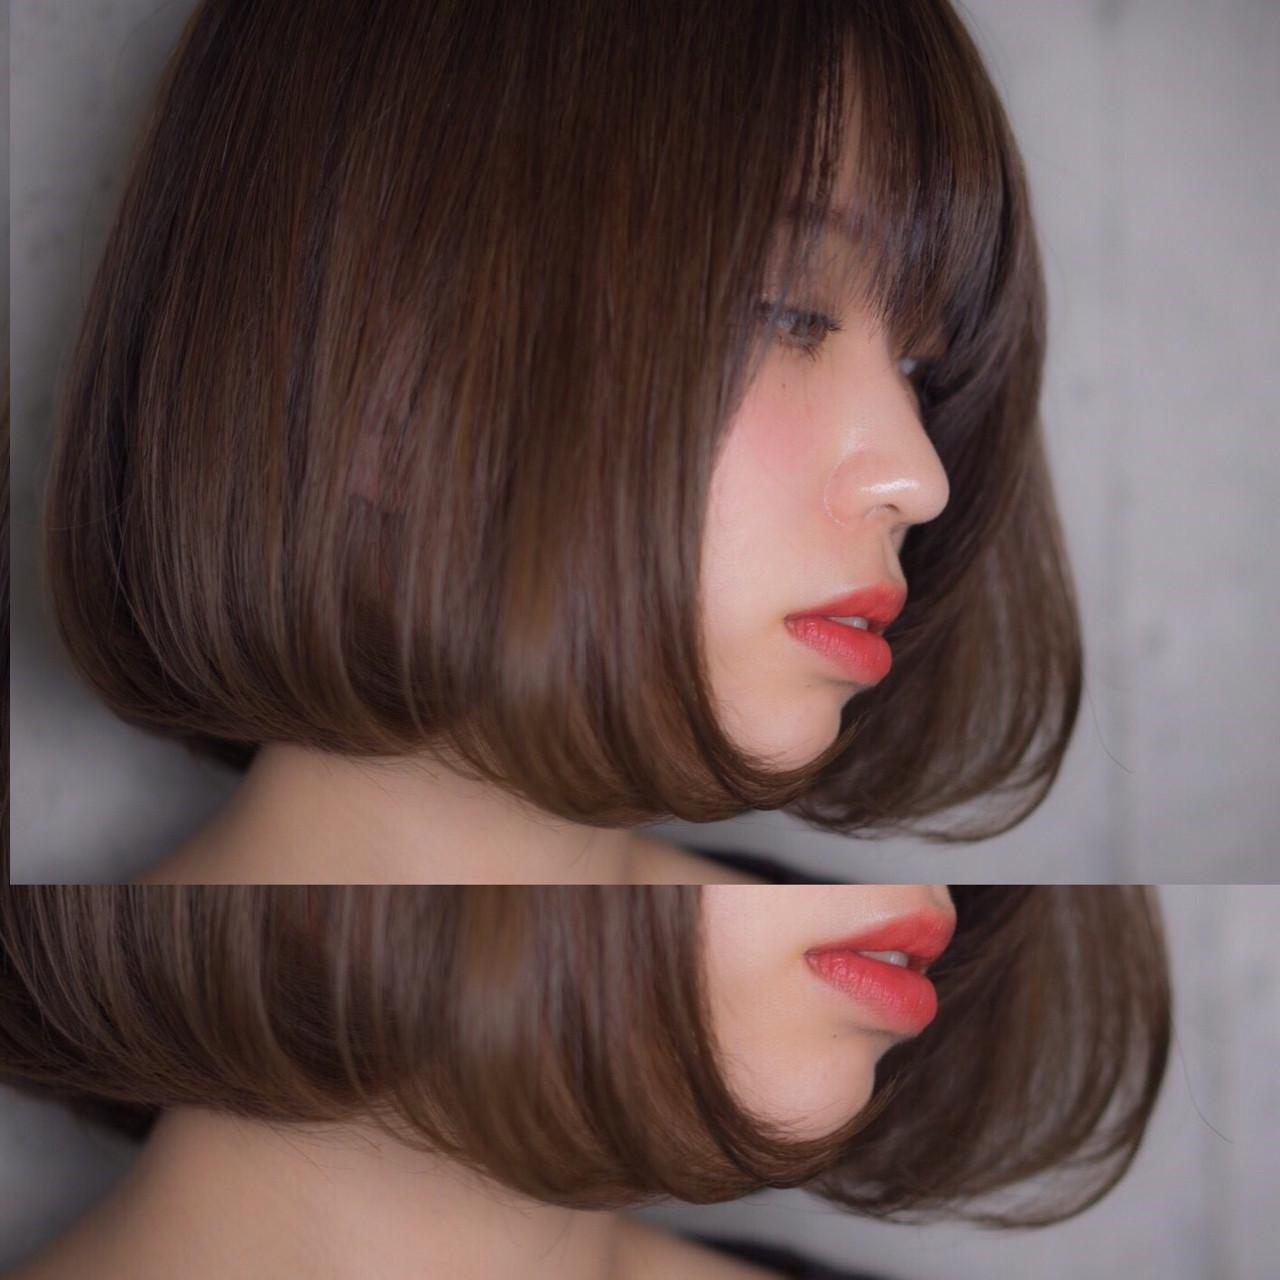 ボブ アンニュイ ハイライト フェミニンヘアスタイルや髪型の写真・画像